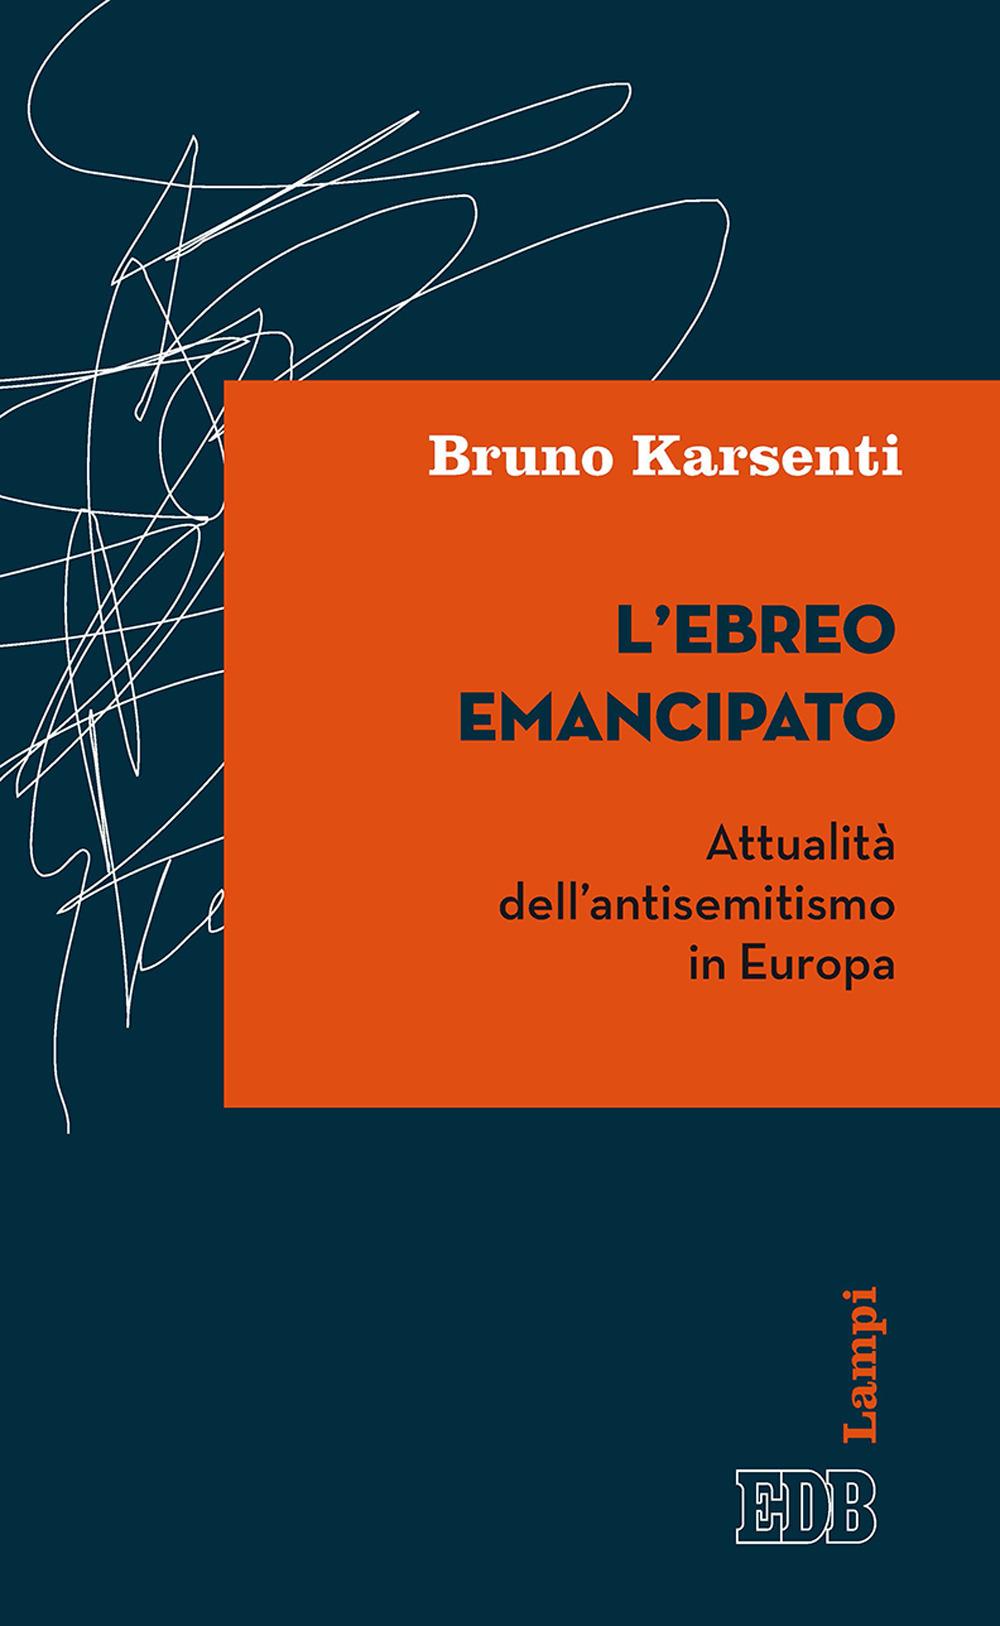 L'ebreo emancipato. Attualità dell'antisemitismo in Europa